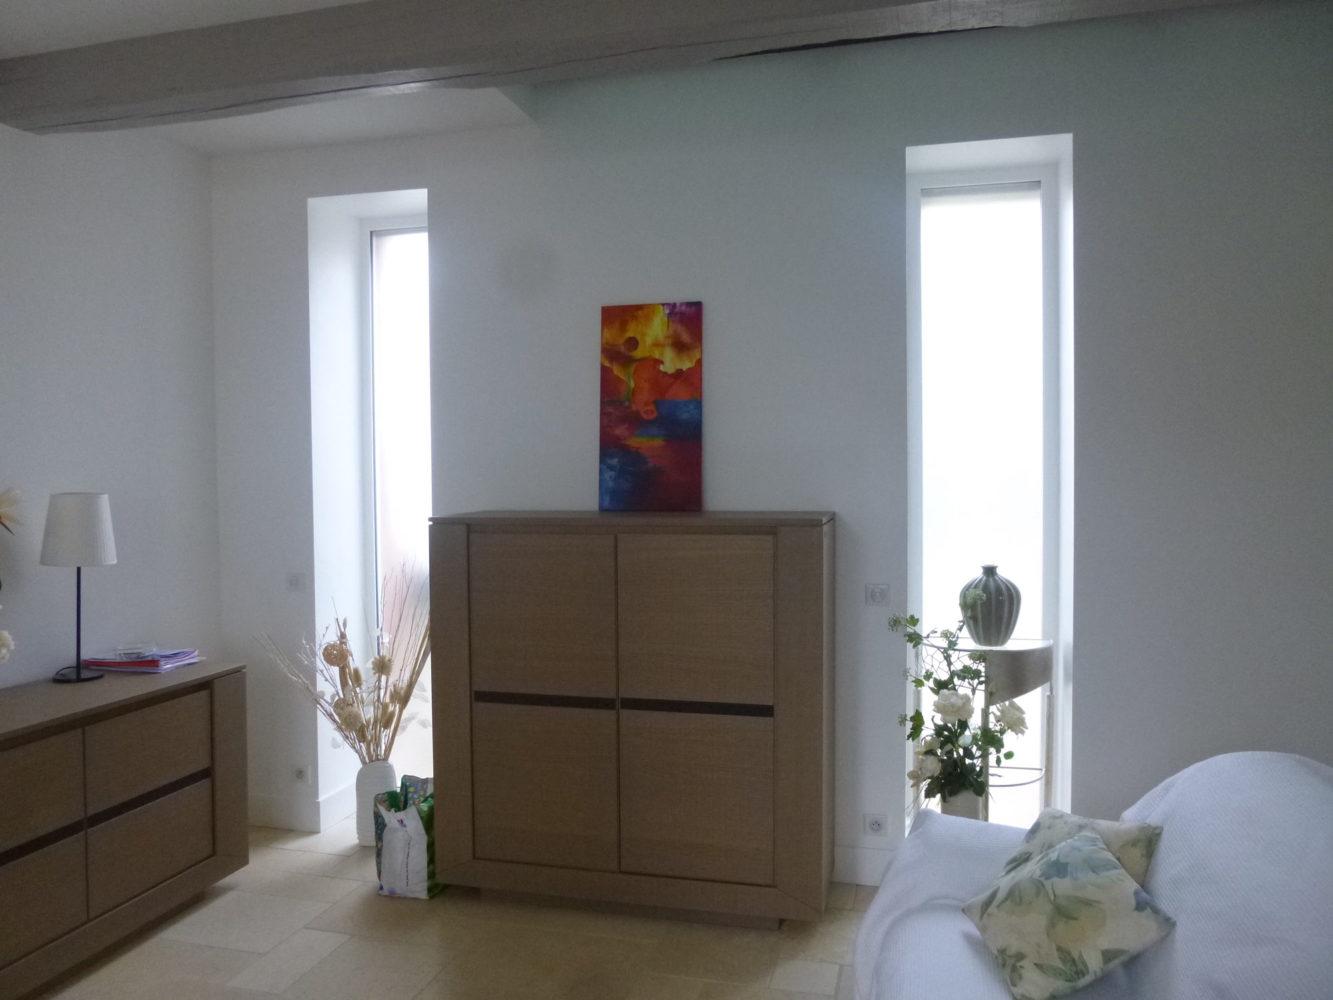 Renovation-Sarzeau-architecte-Gwénael-LE-PORT-2-1